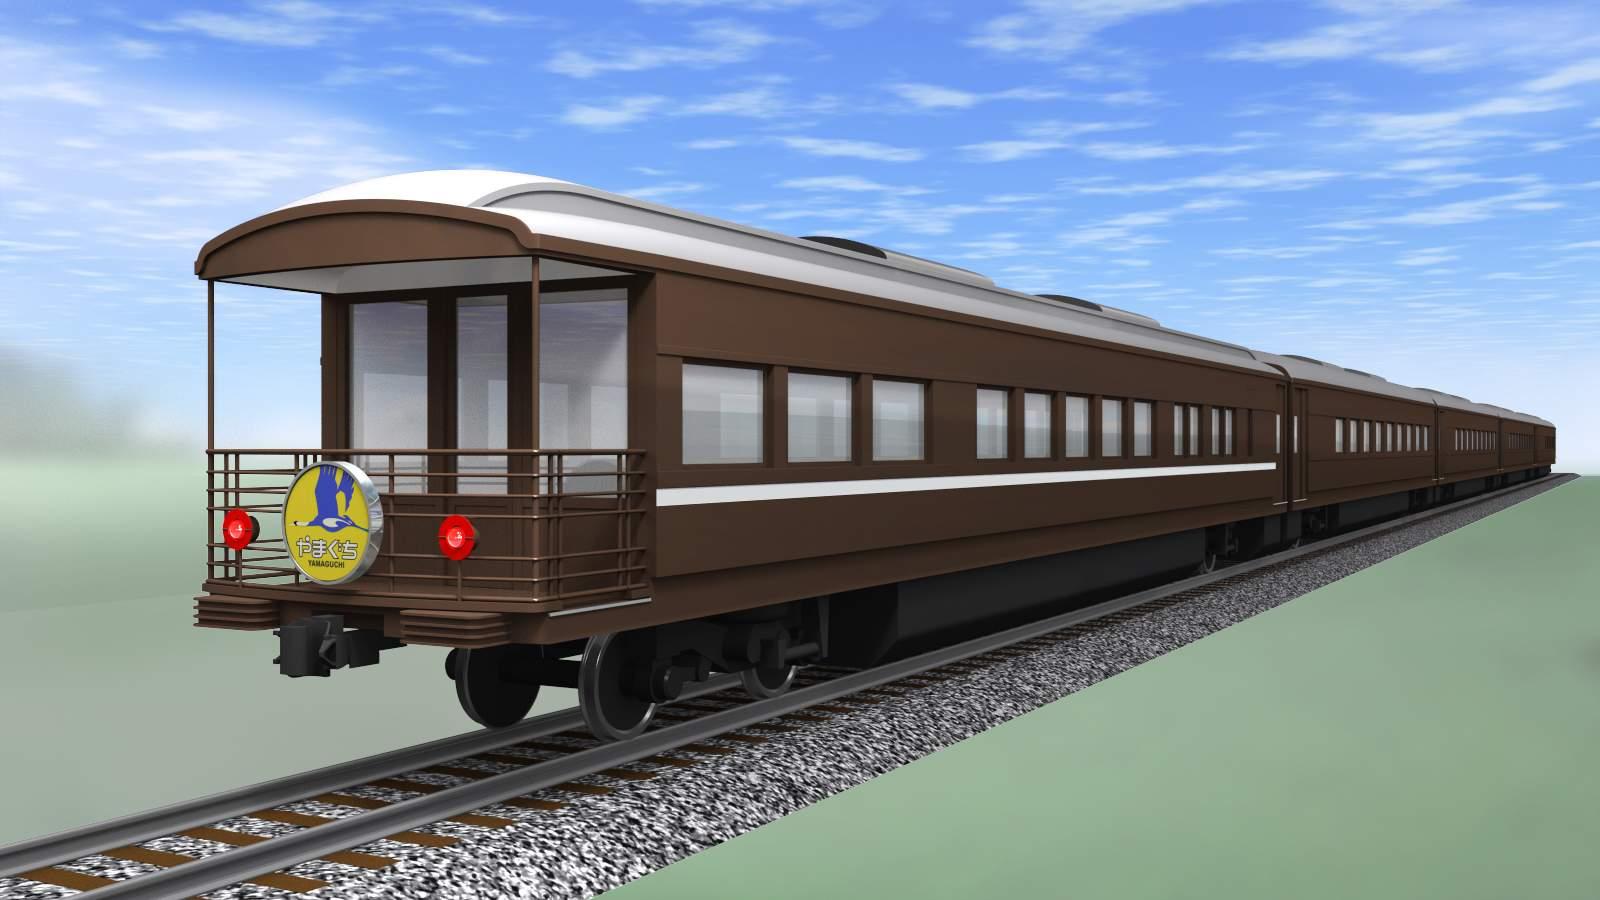 客車全体イメージ図 (1)新客車の車内設備等 1号車では、当時の1等車の重厚な雰囲気を味わ...